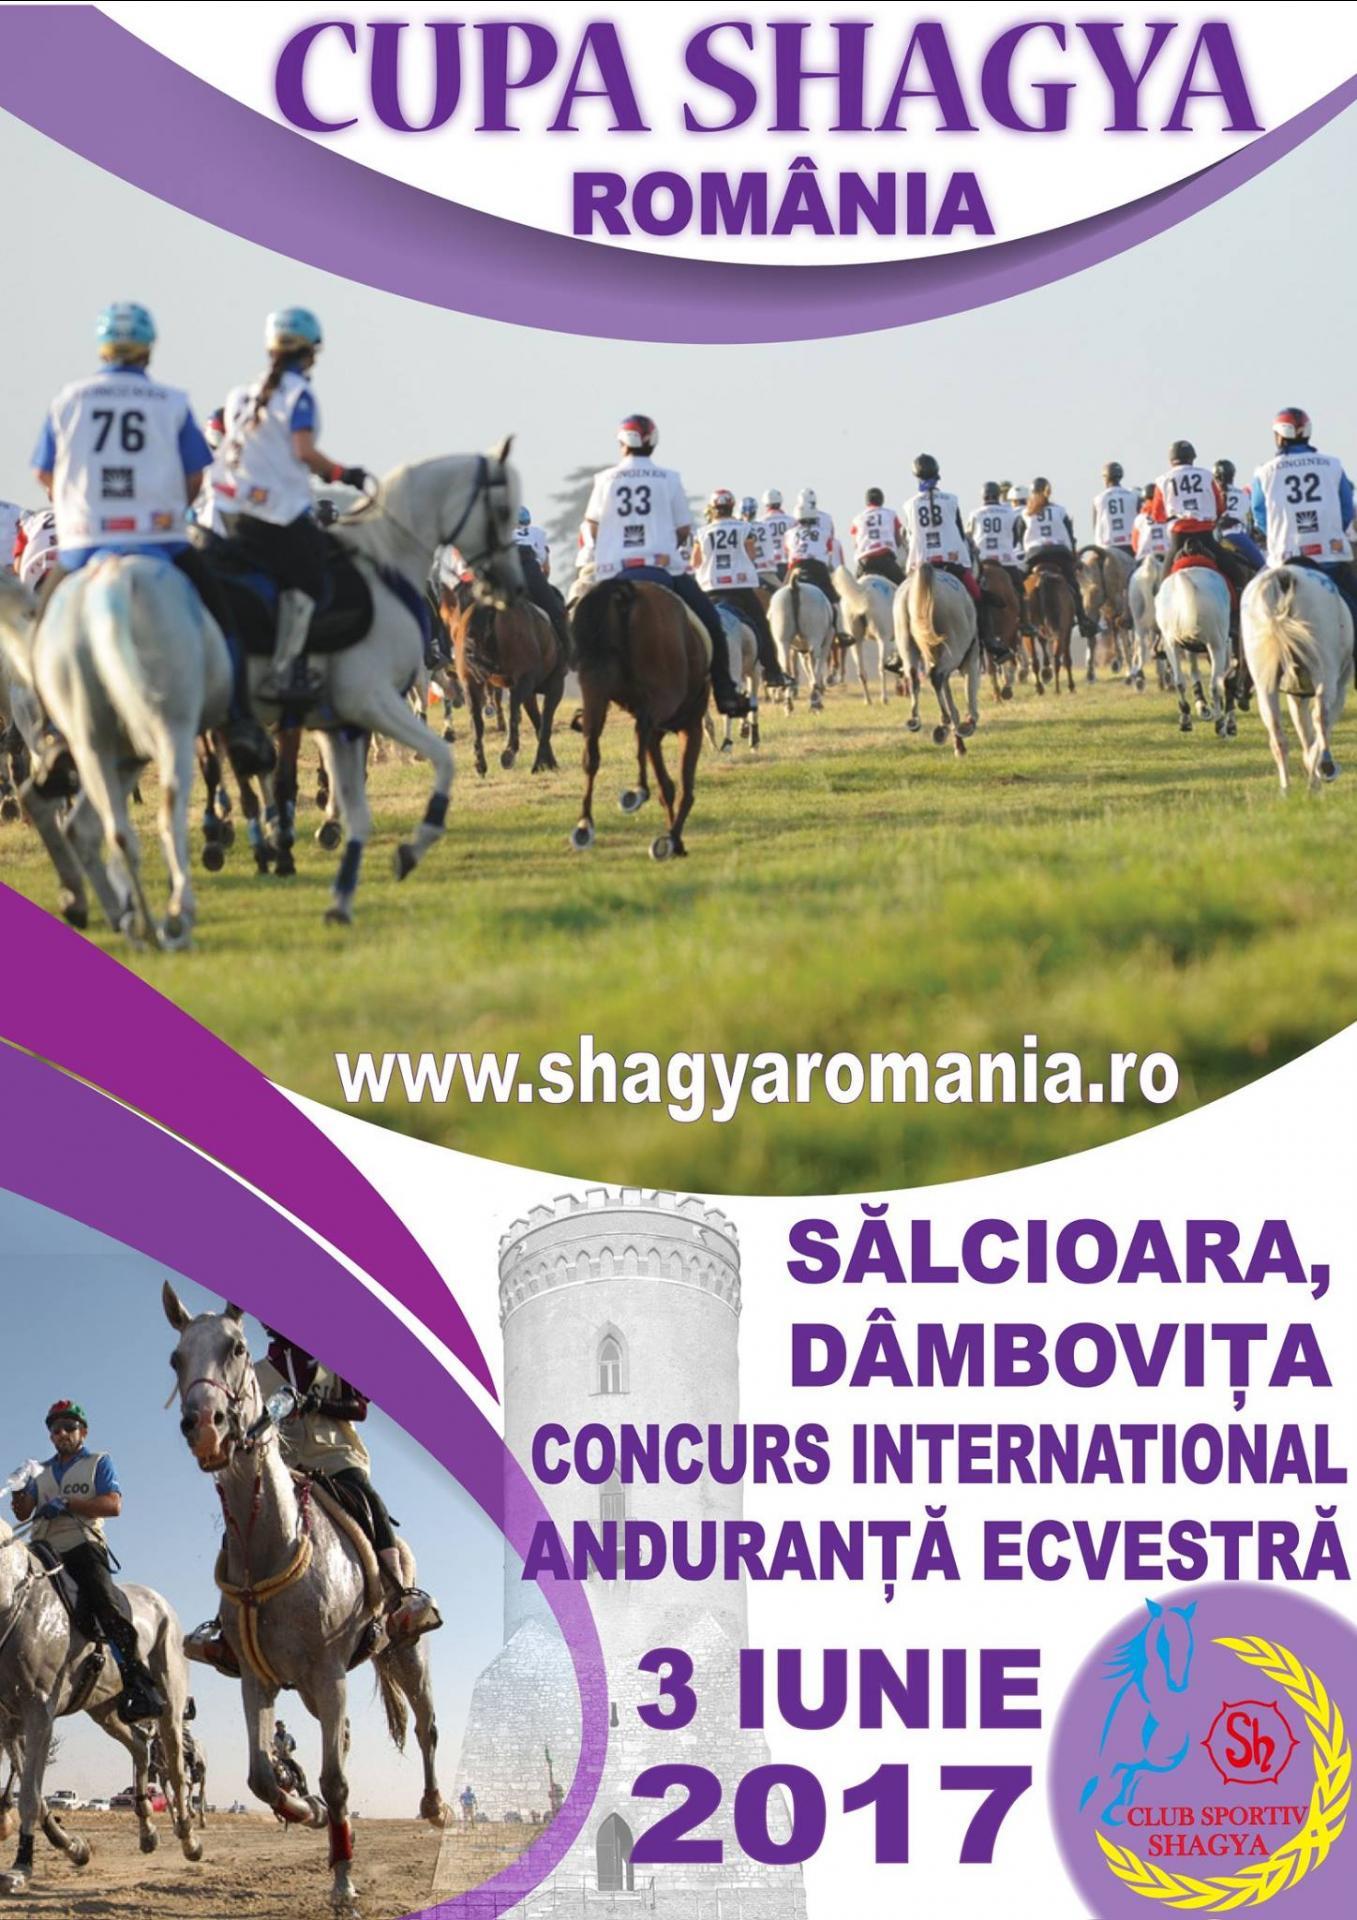 Concurs international de anduranţă, Cupa Shagya ediţia a II-a